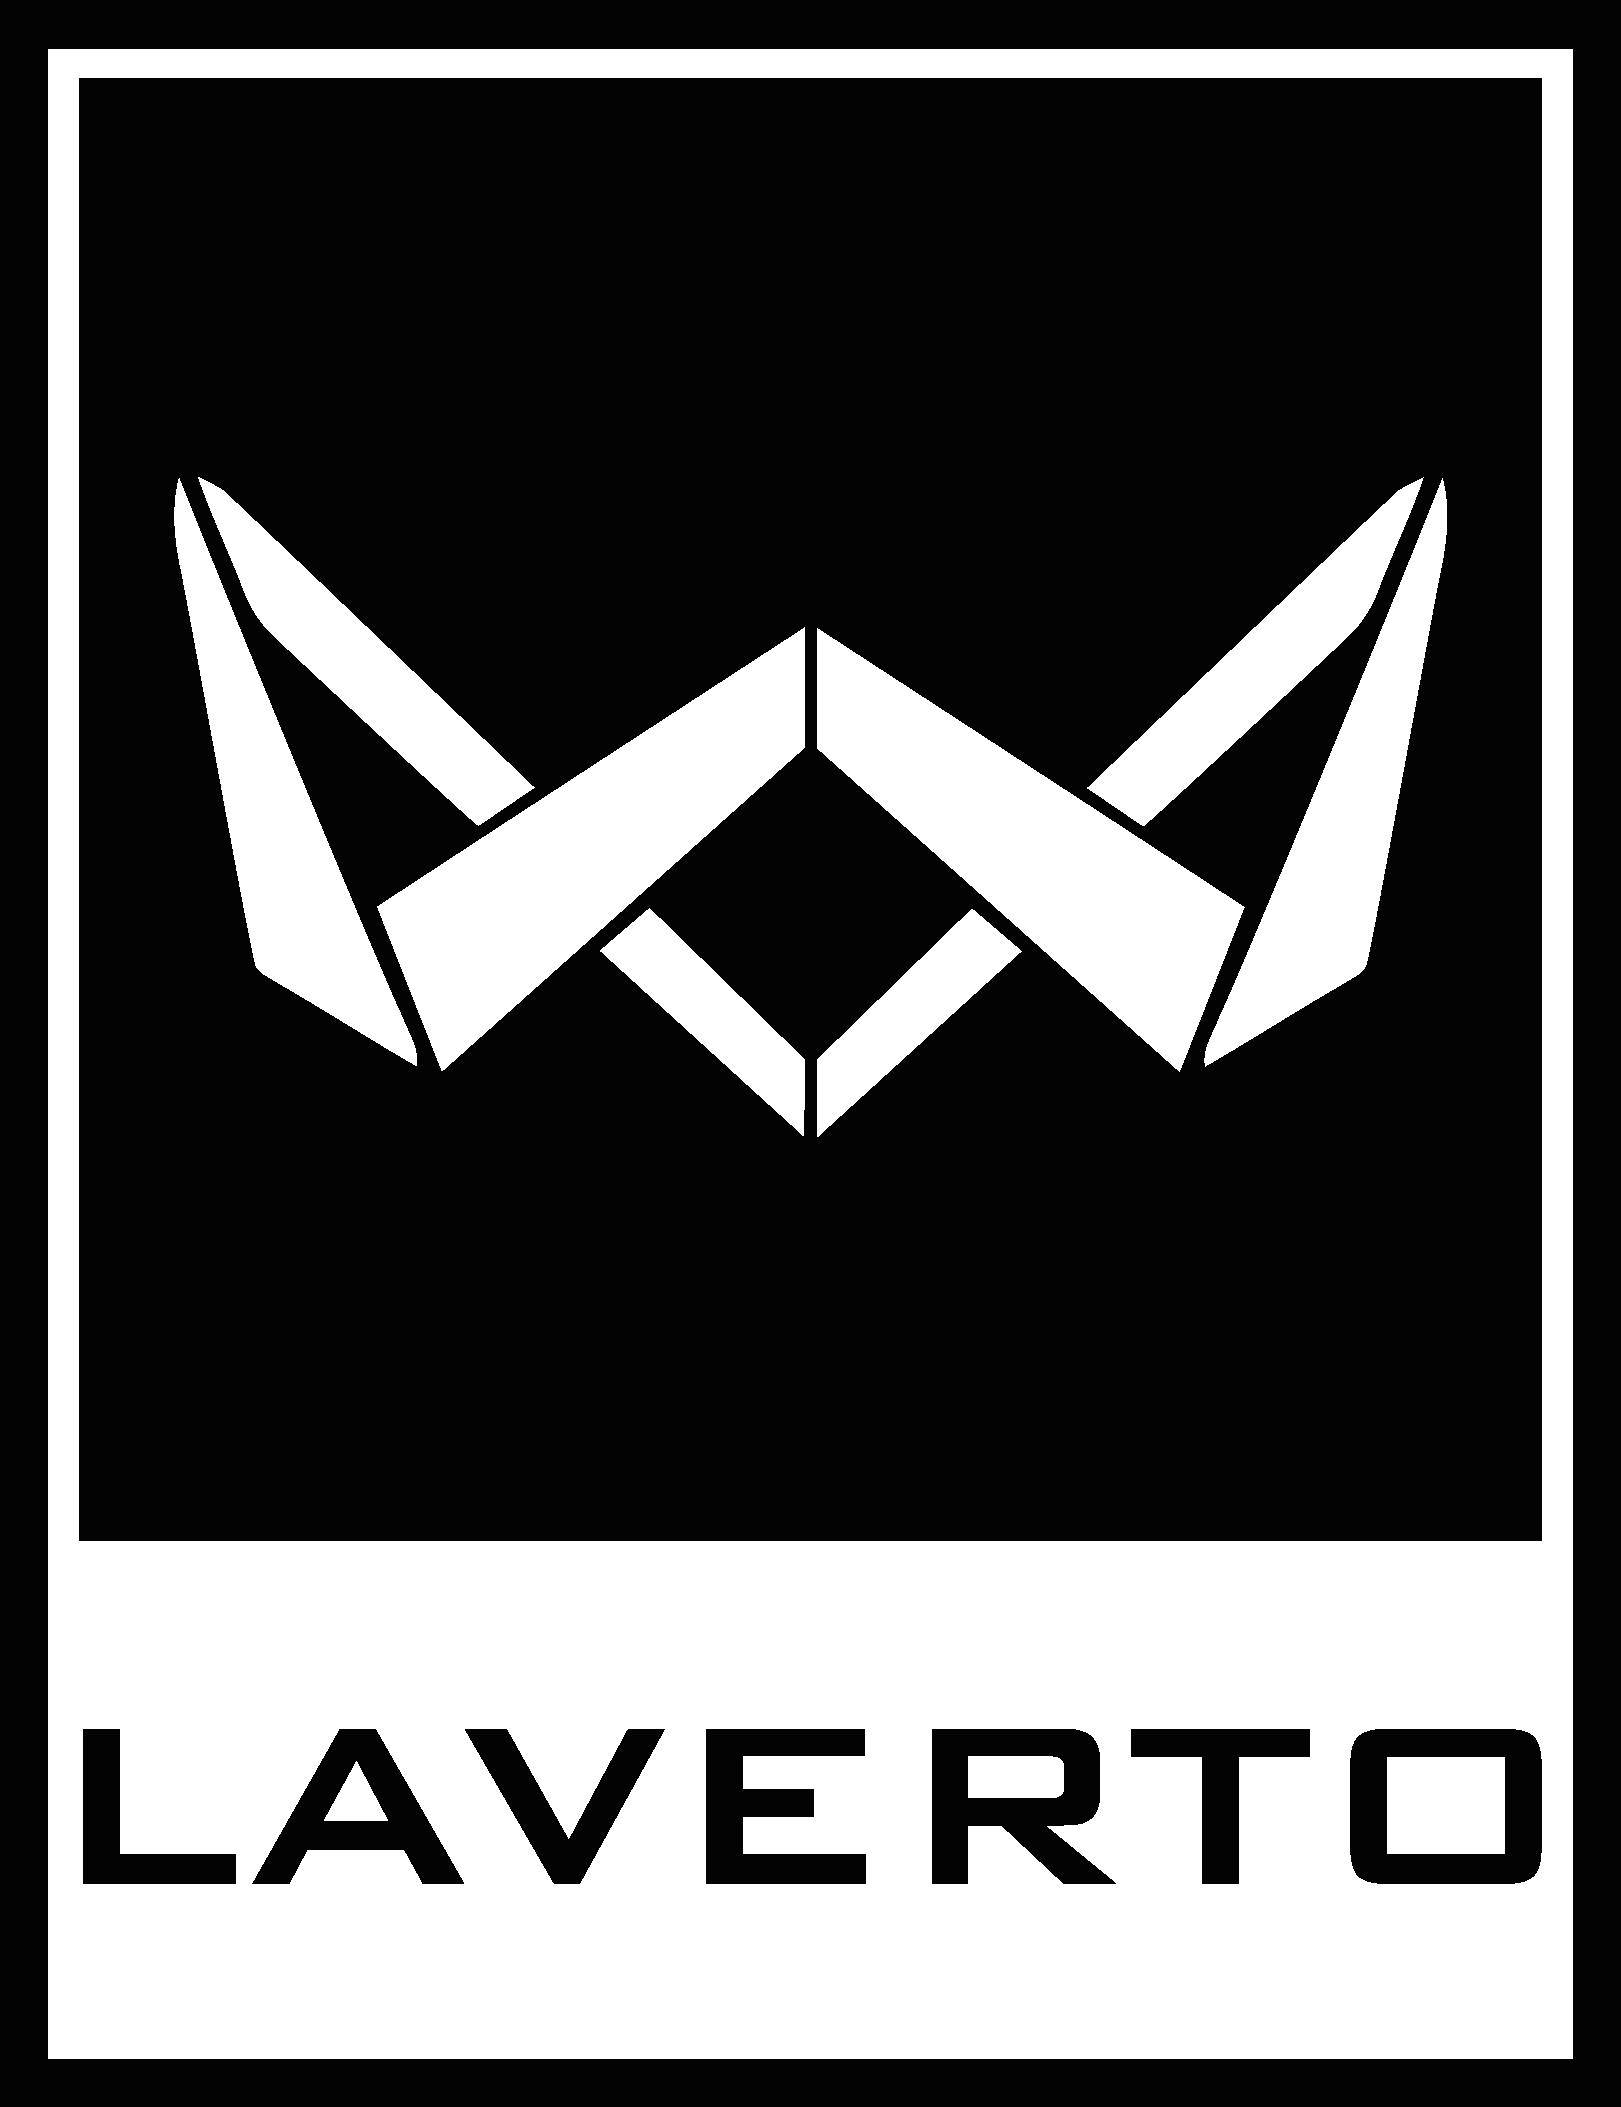 Laverto